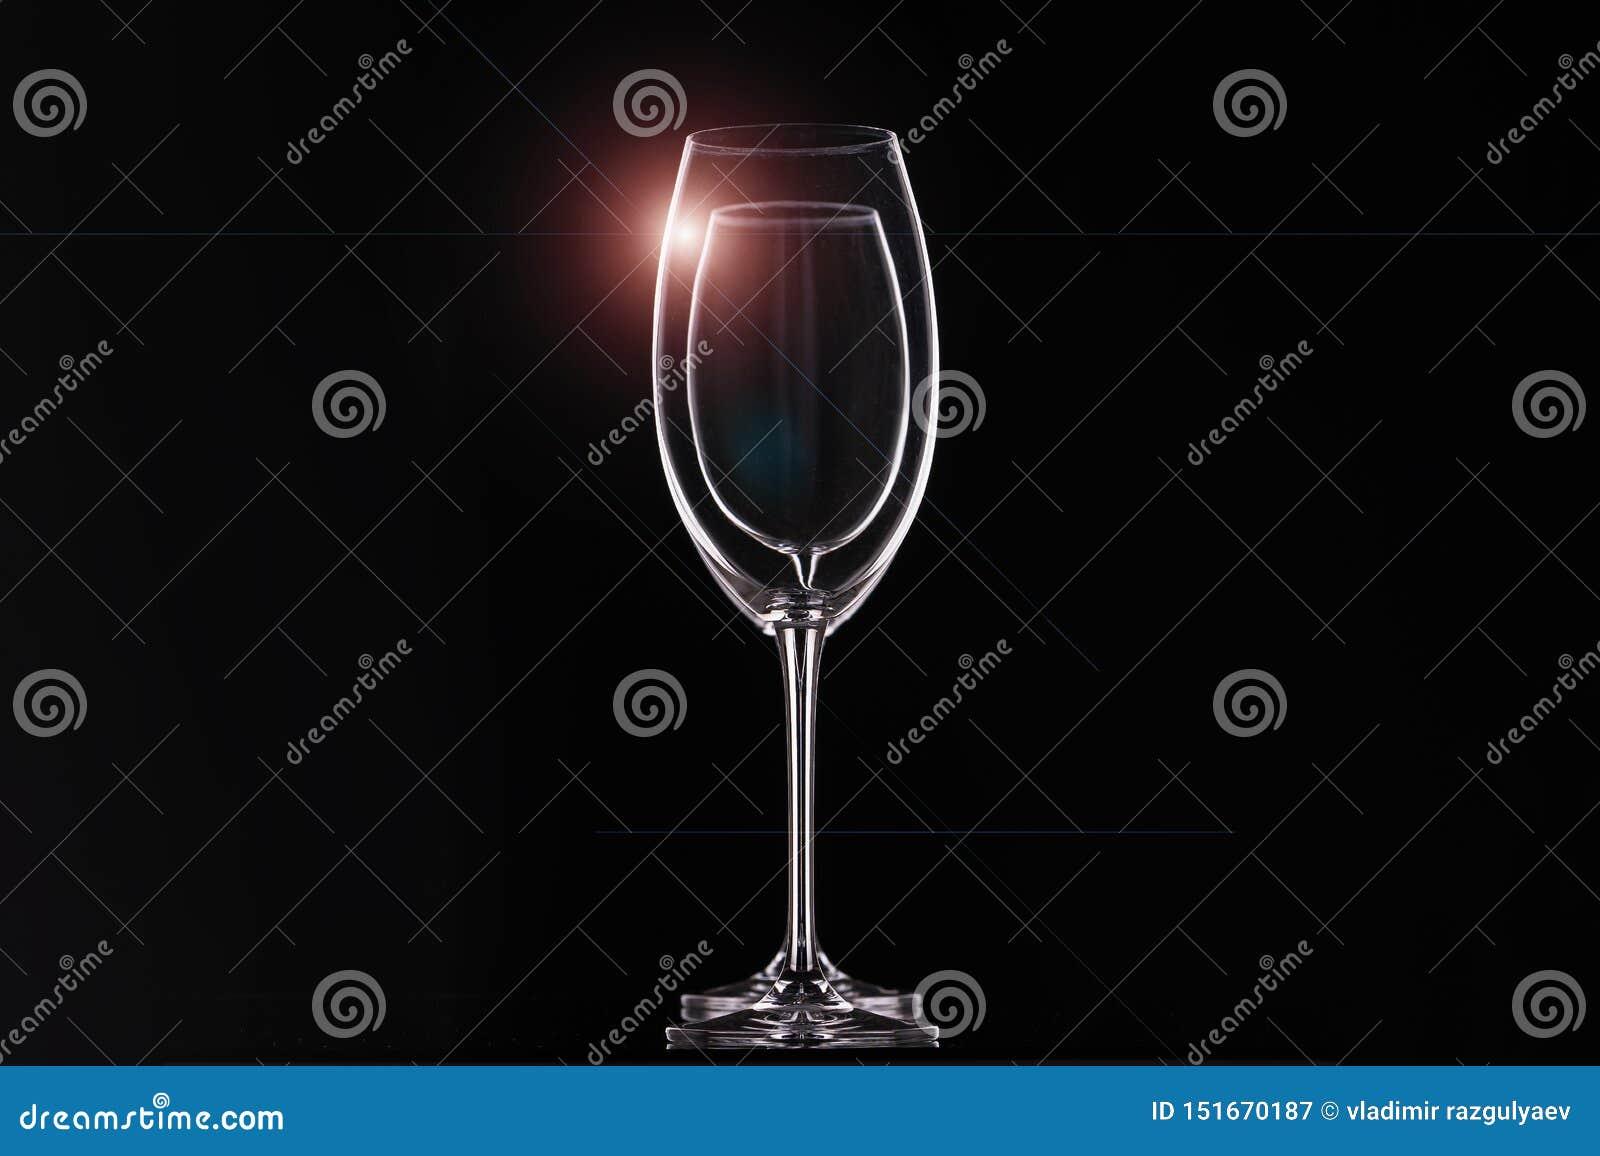 Tomma vinexponeringsglas på svart bakgrund, glasföremål för drinkar Konturer och ljus ilsken blick, horisontalordning